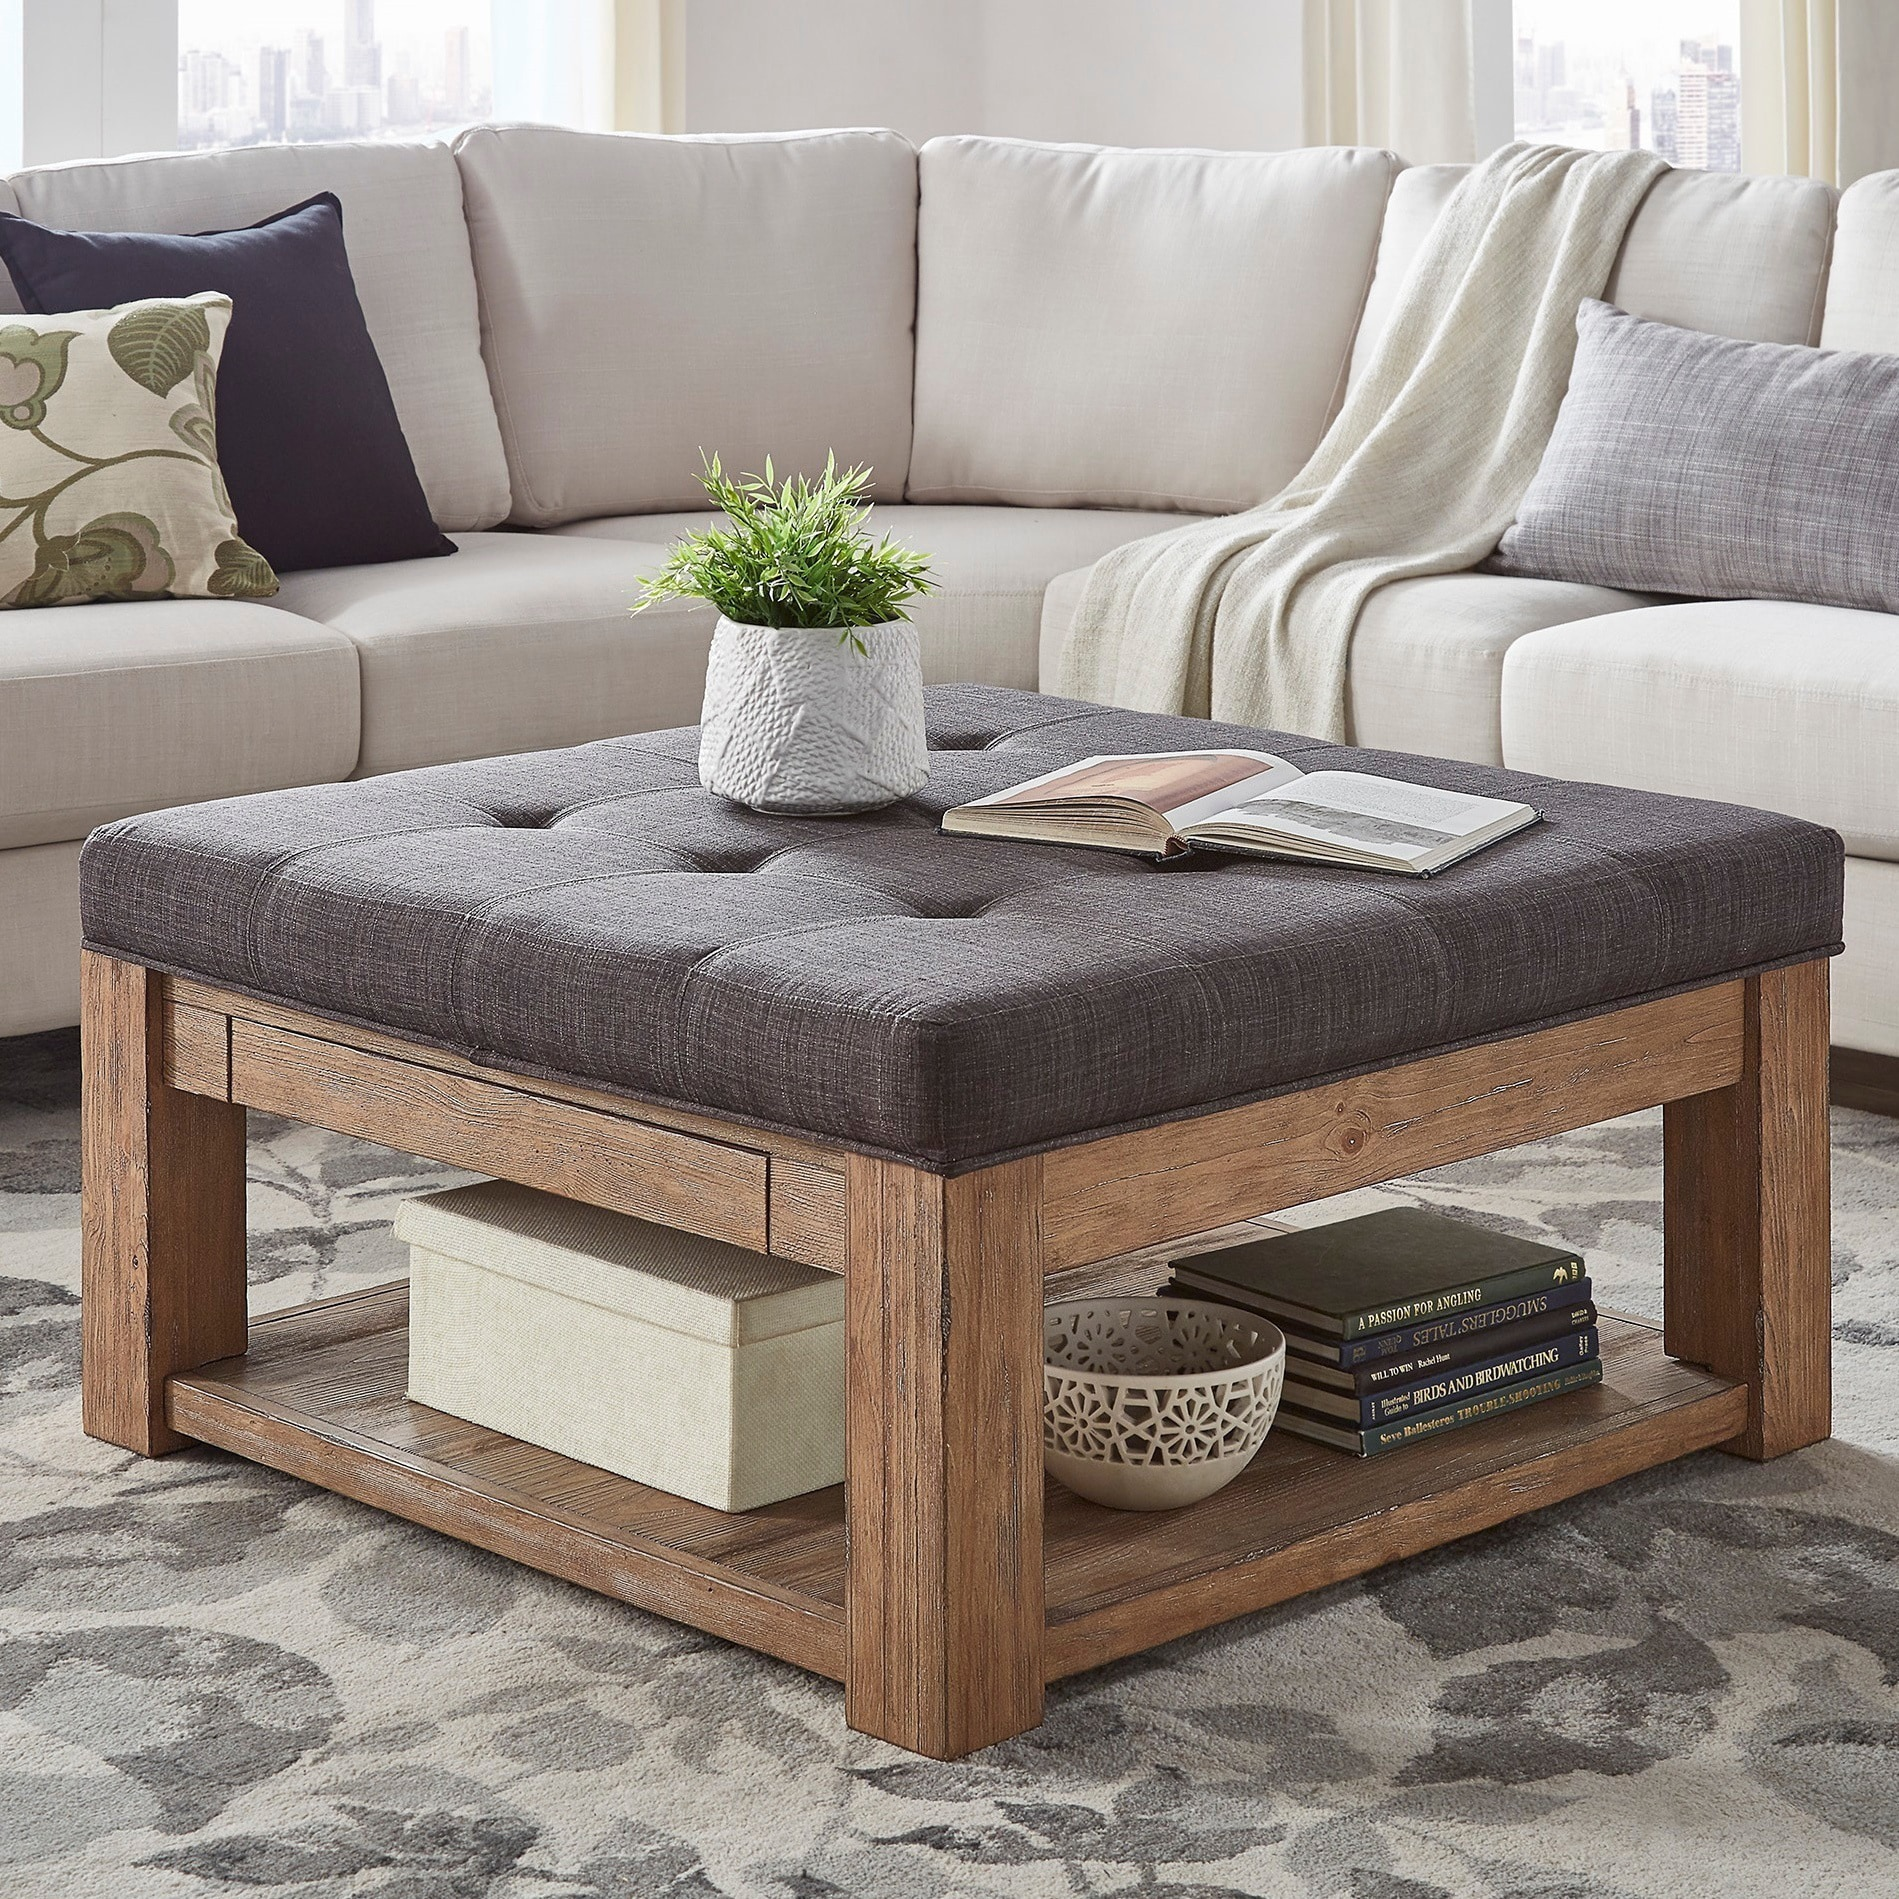 Living Room Ottoman Coffee Table 8